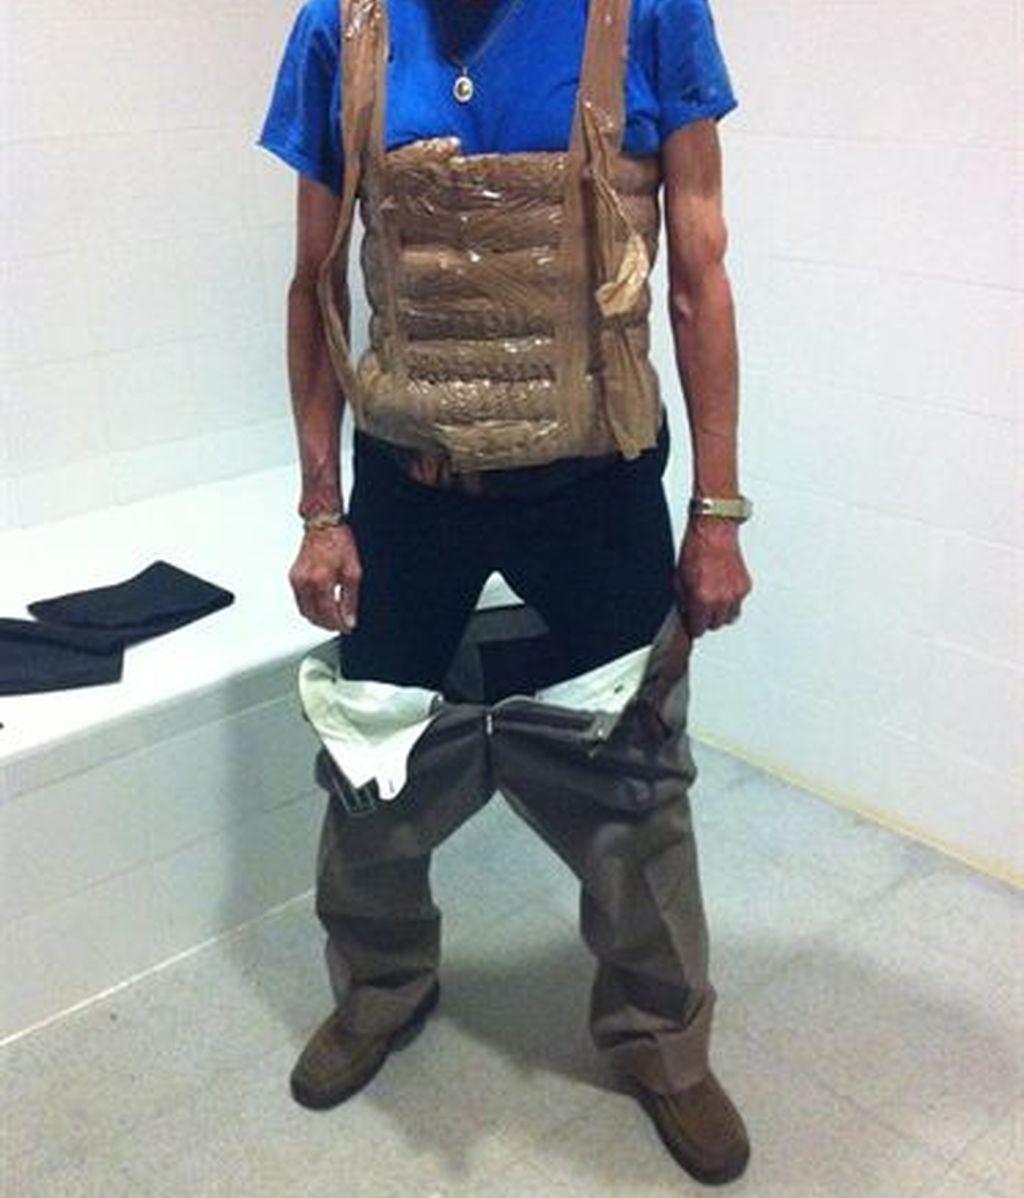 A prisión un anciano acusado de transportar hachís adosado a su cuerpo